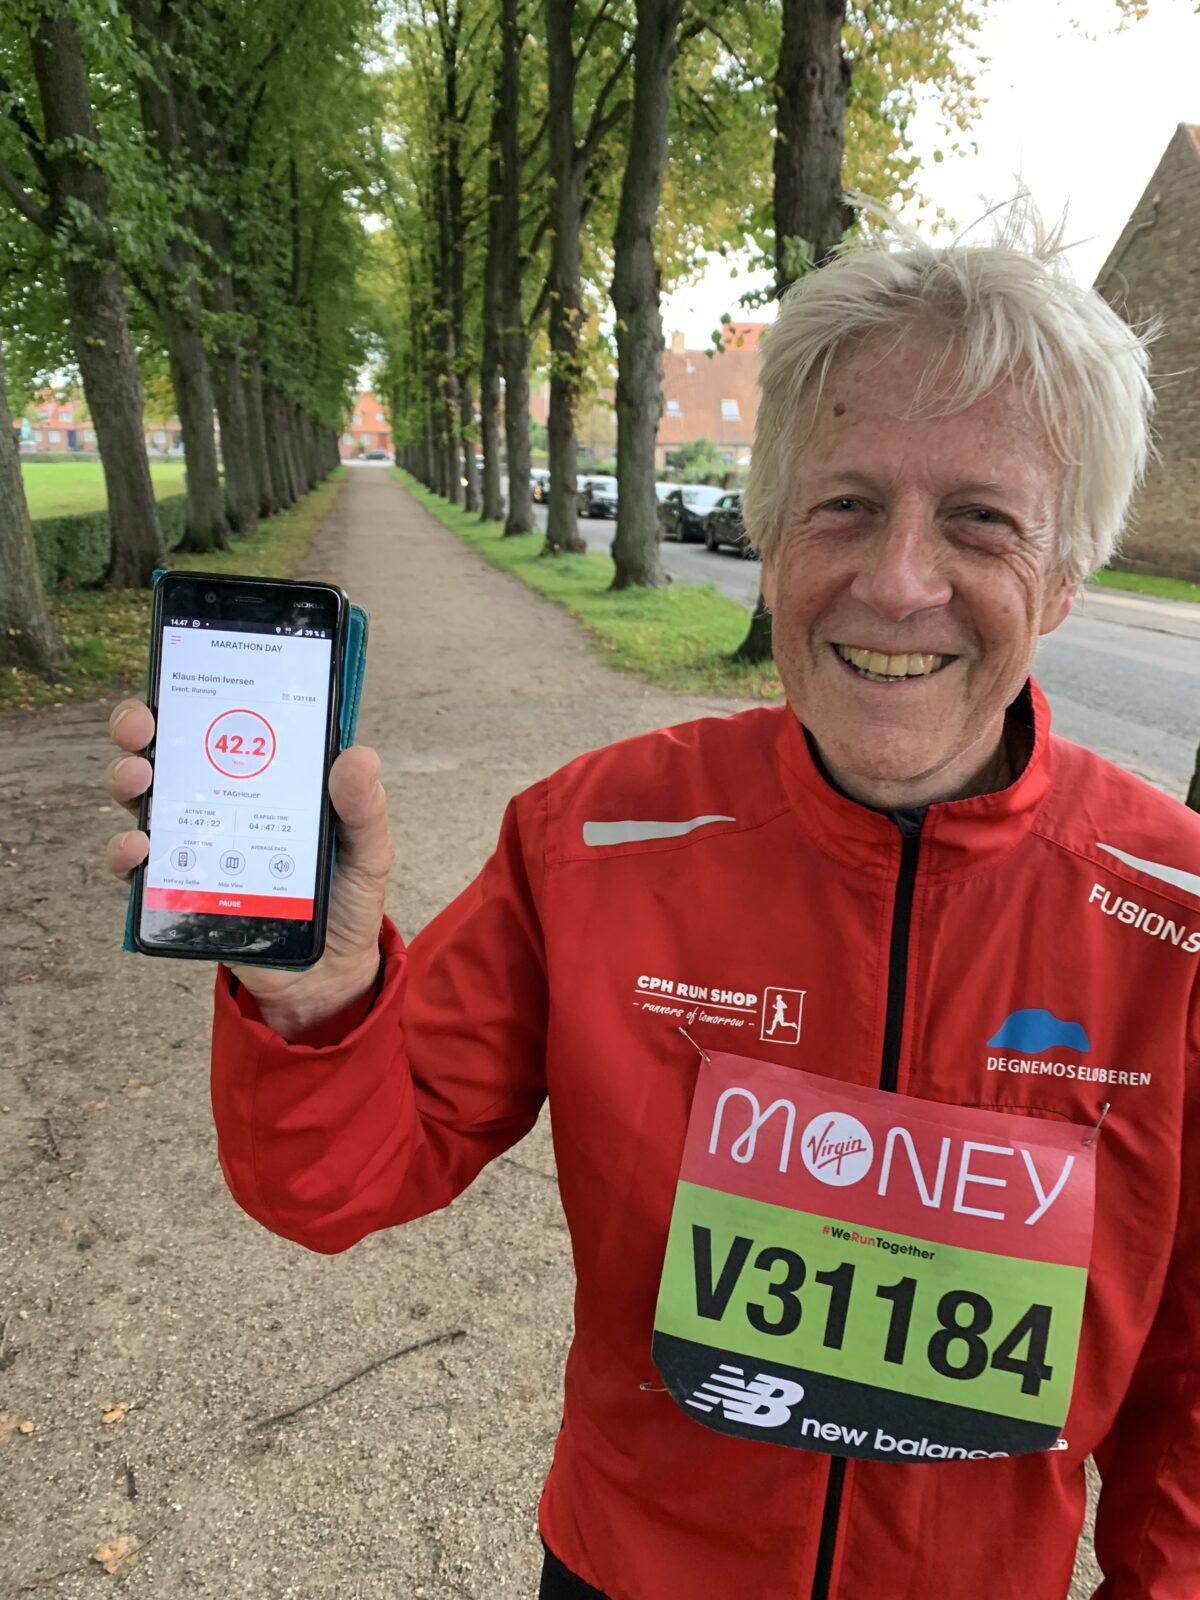 Degnemoseløber gennemfører London marathon – i Brønshøj